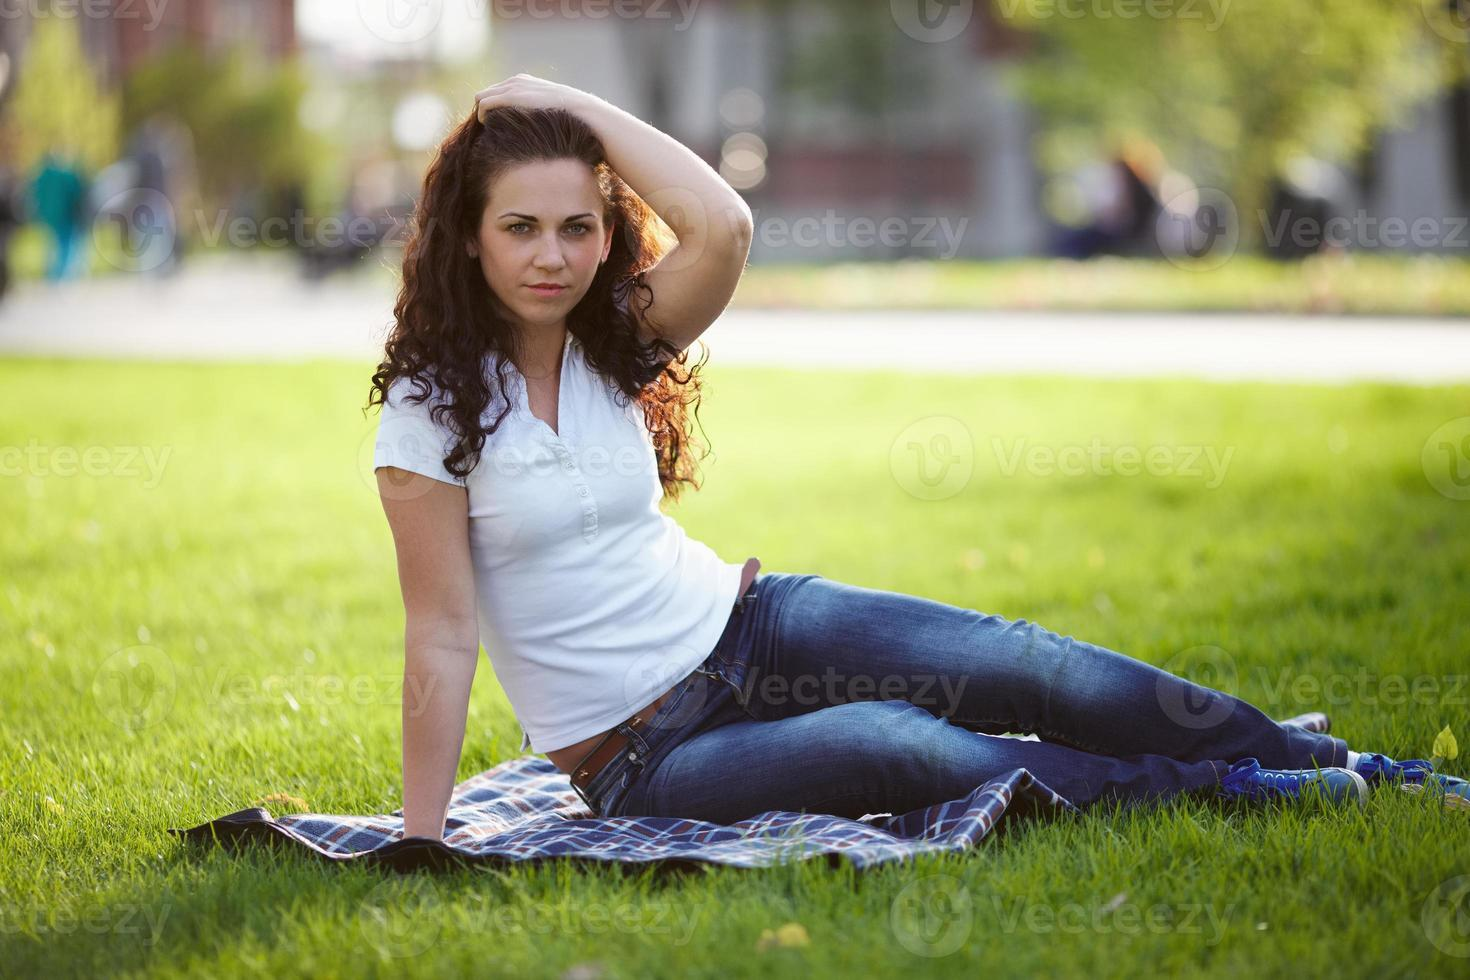 mooie vrouw in spijkerbroek zit op het gras foto